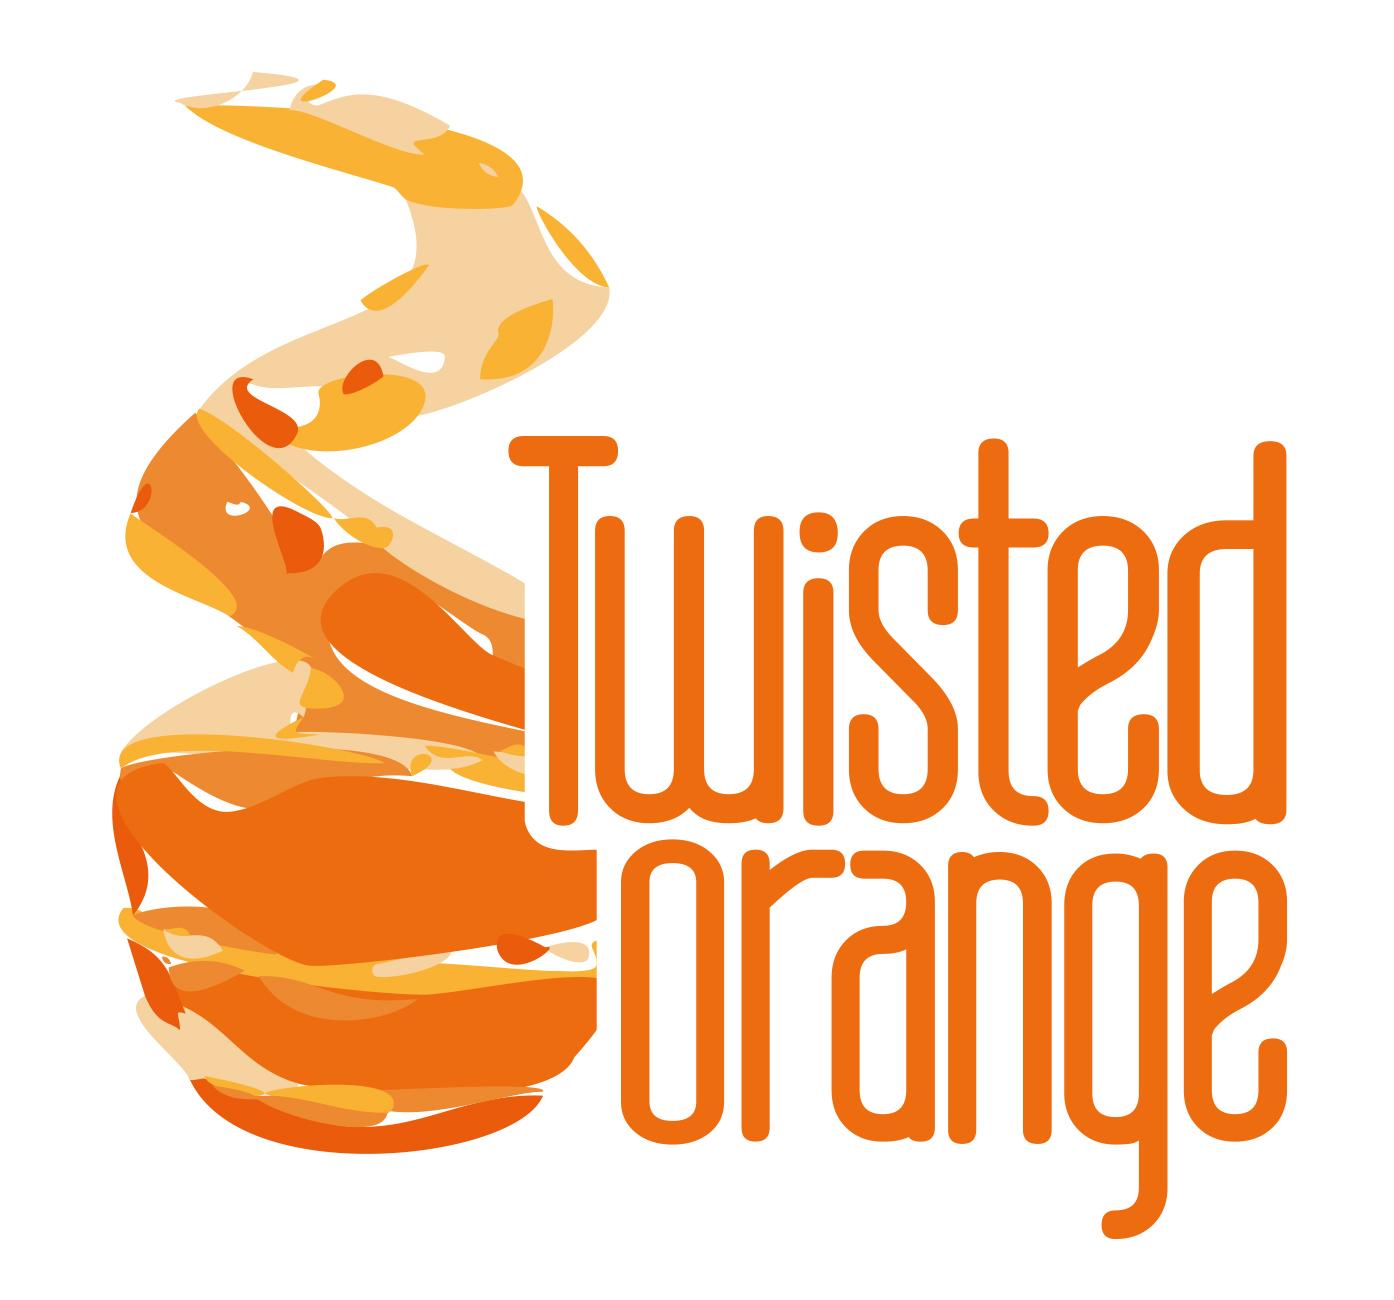 Twisted Orange